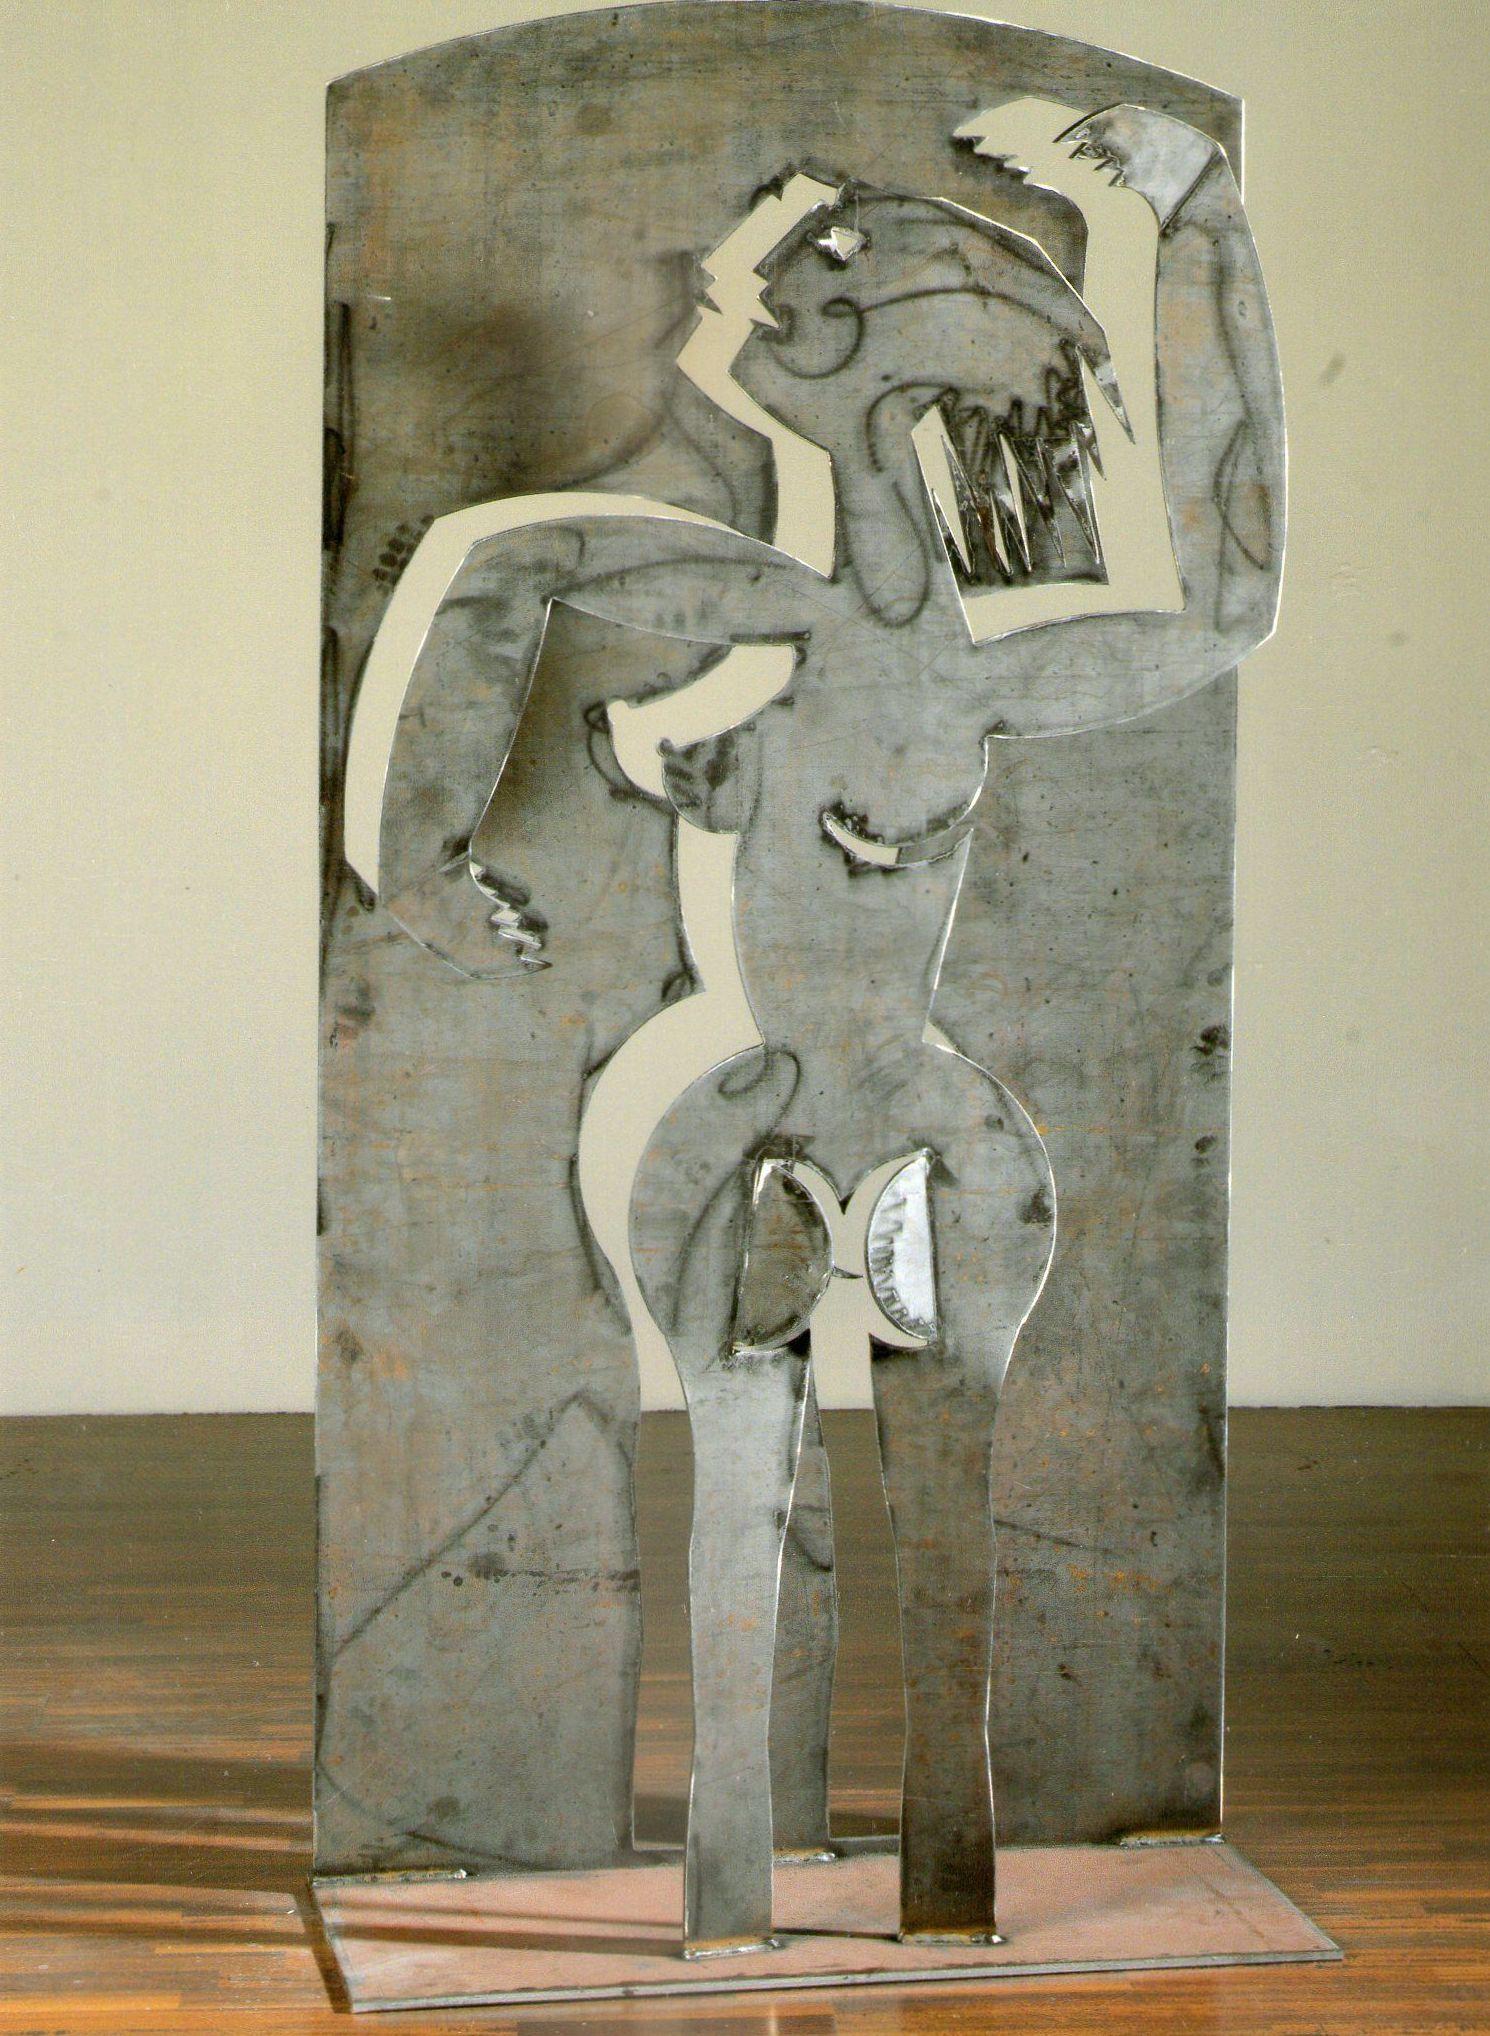 Esculturas cuadros decoraci n en general - Esculturas decoracion ...